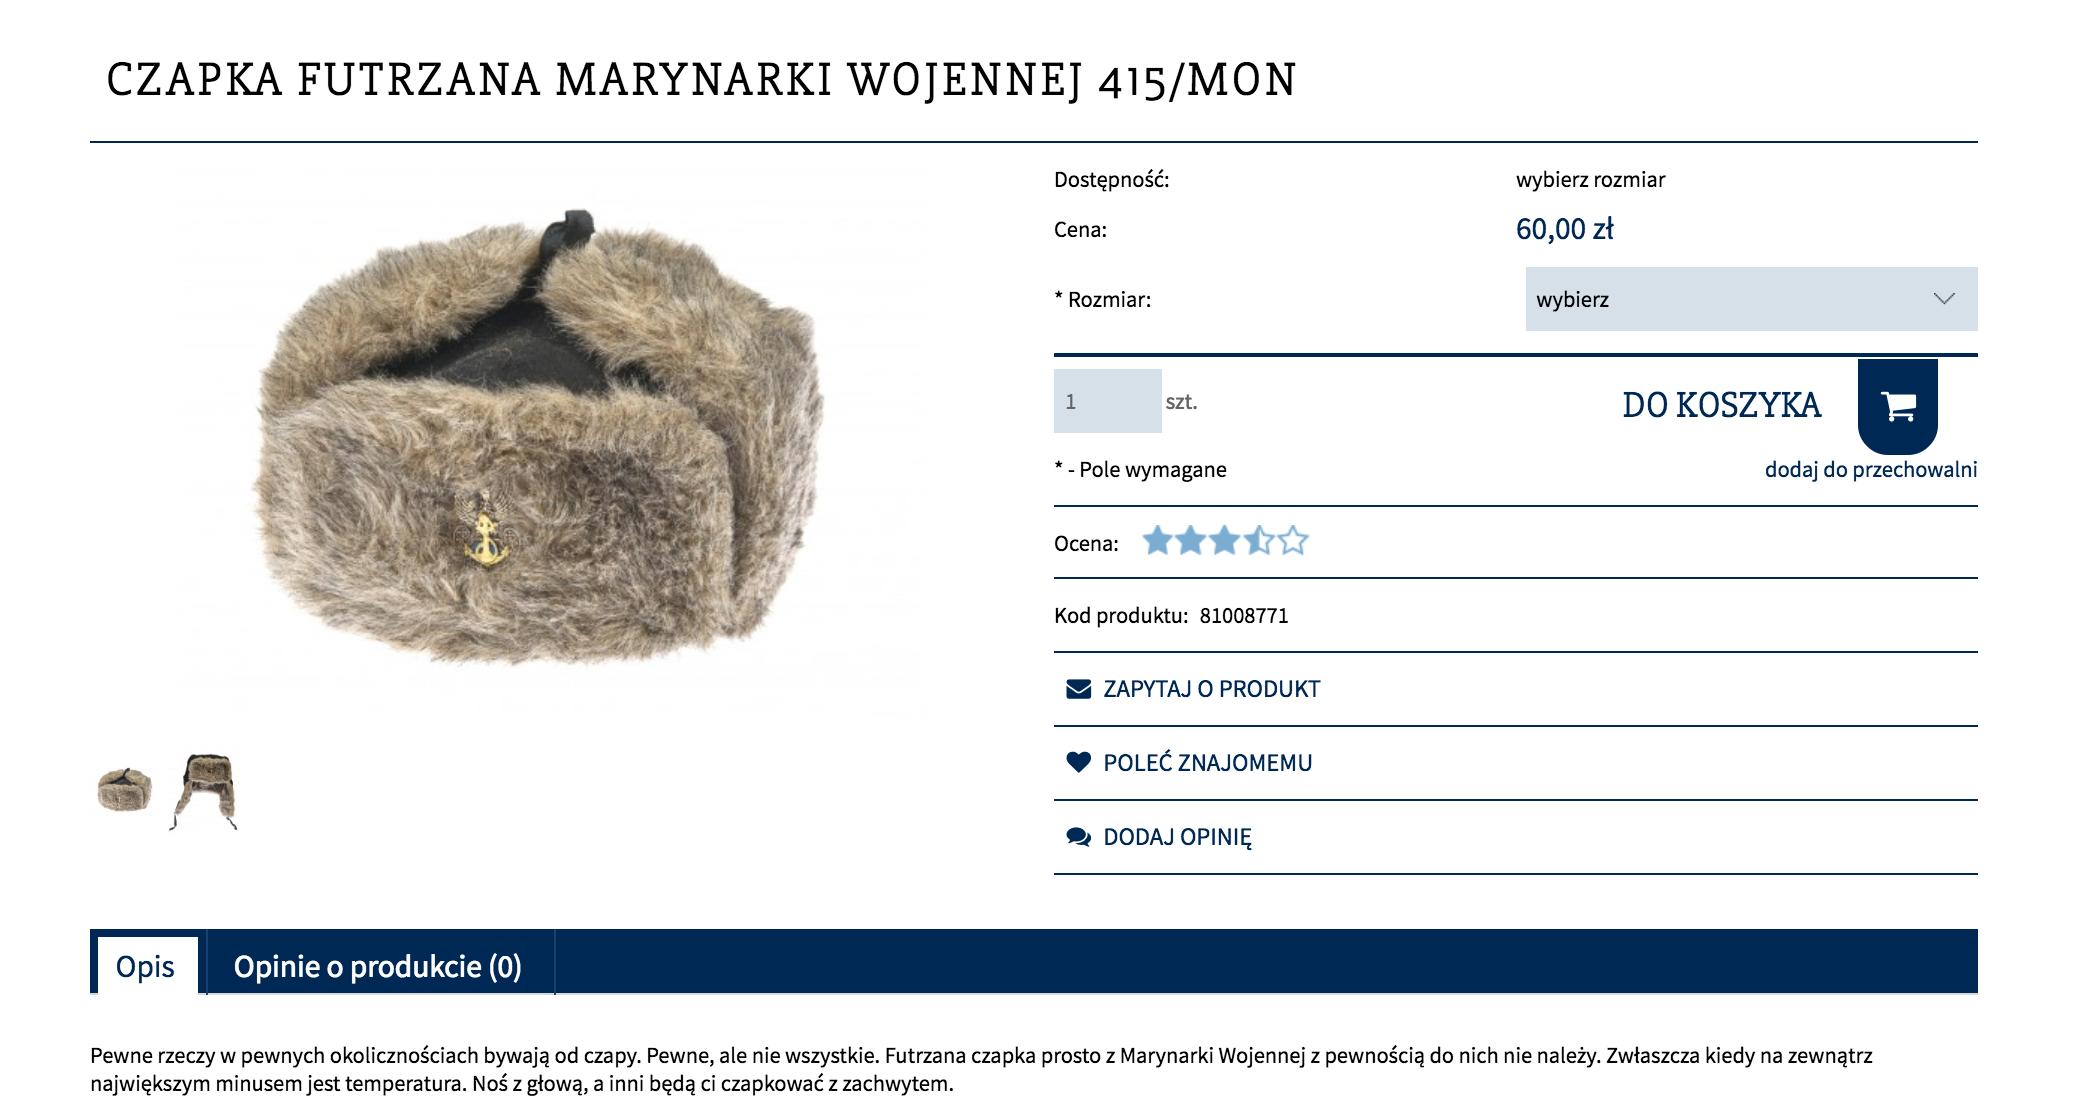 Sklep internetowy opisy produktów